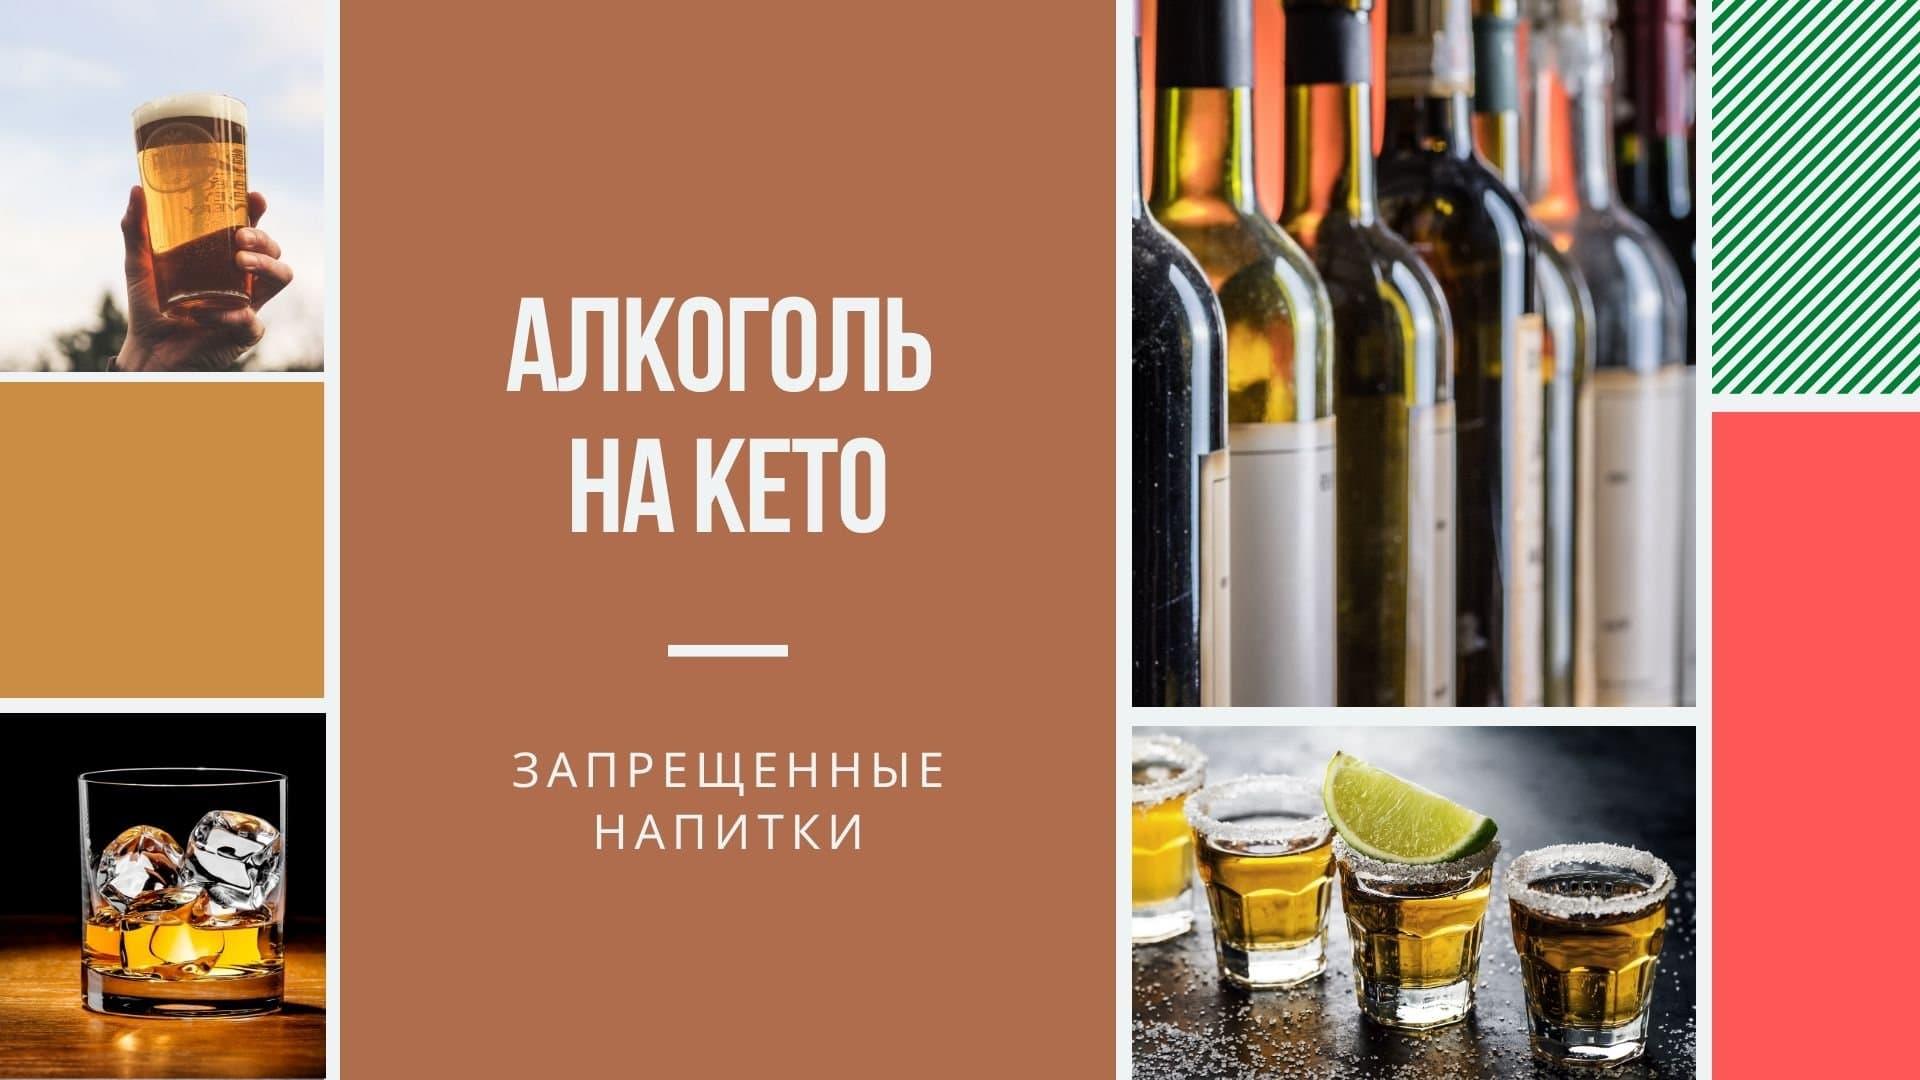 Алкоголь на кето: запрещенные напитки